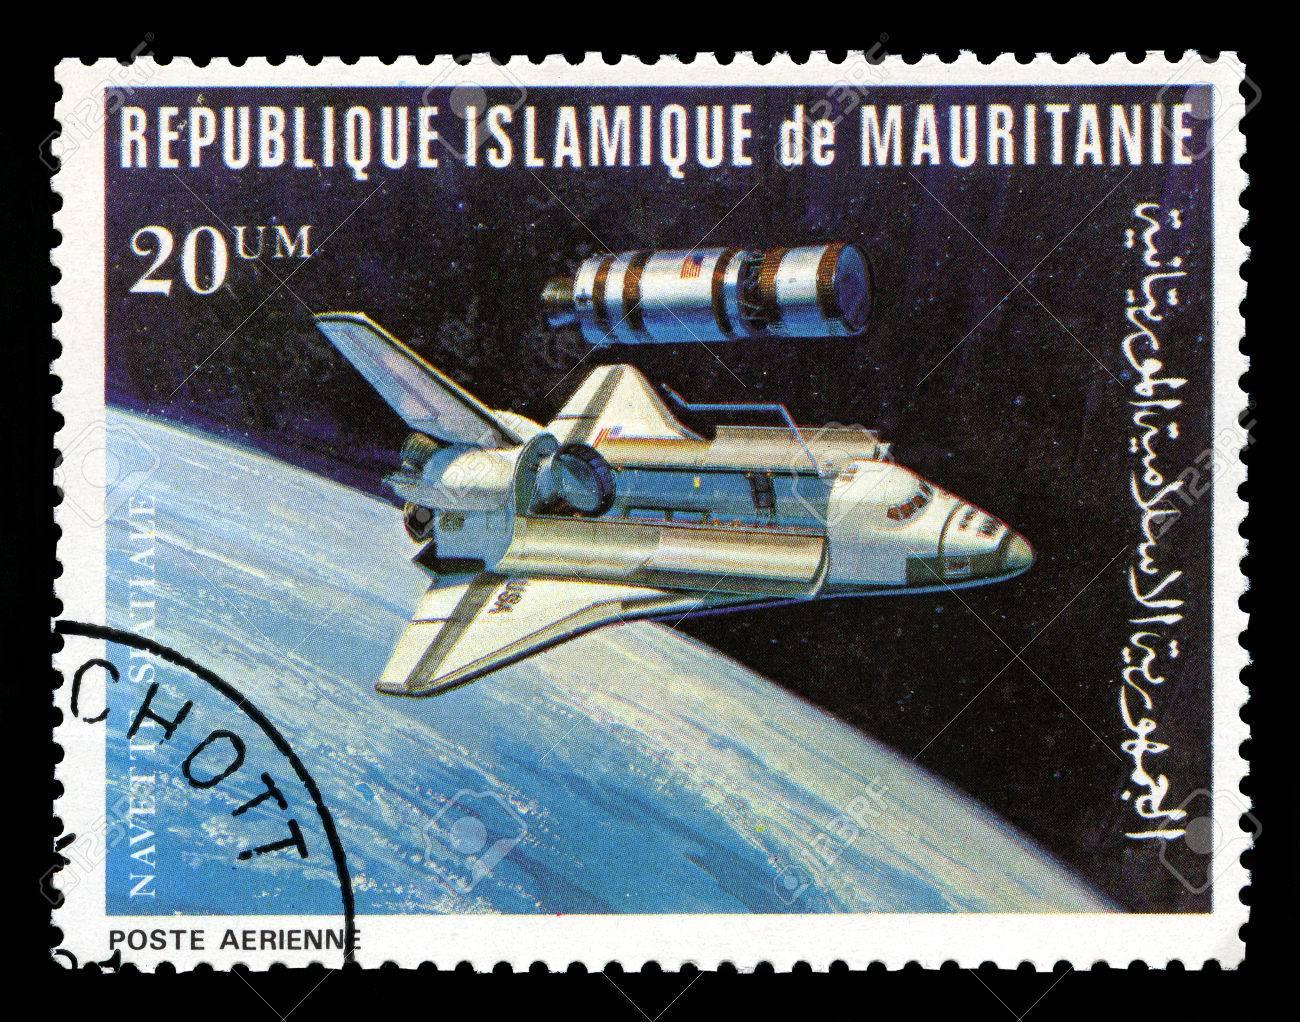 REPUBLIQUE ISLAMIQUE DE MAURITANIE - CIRCA 1981: A vintage postage stamp from Republique Islamique de Mauritanie depicting an image of the Space Shuttle, circa 1981. - 31610485